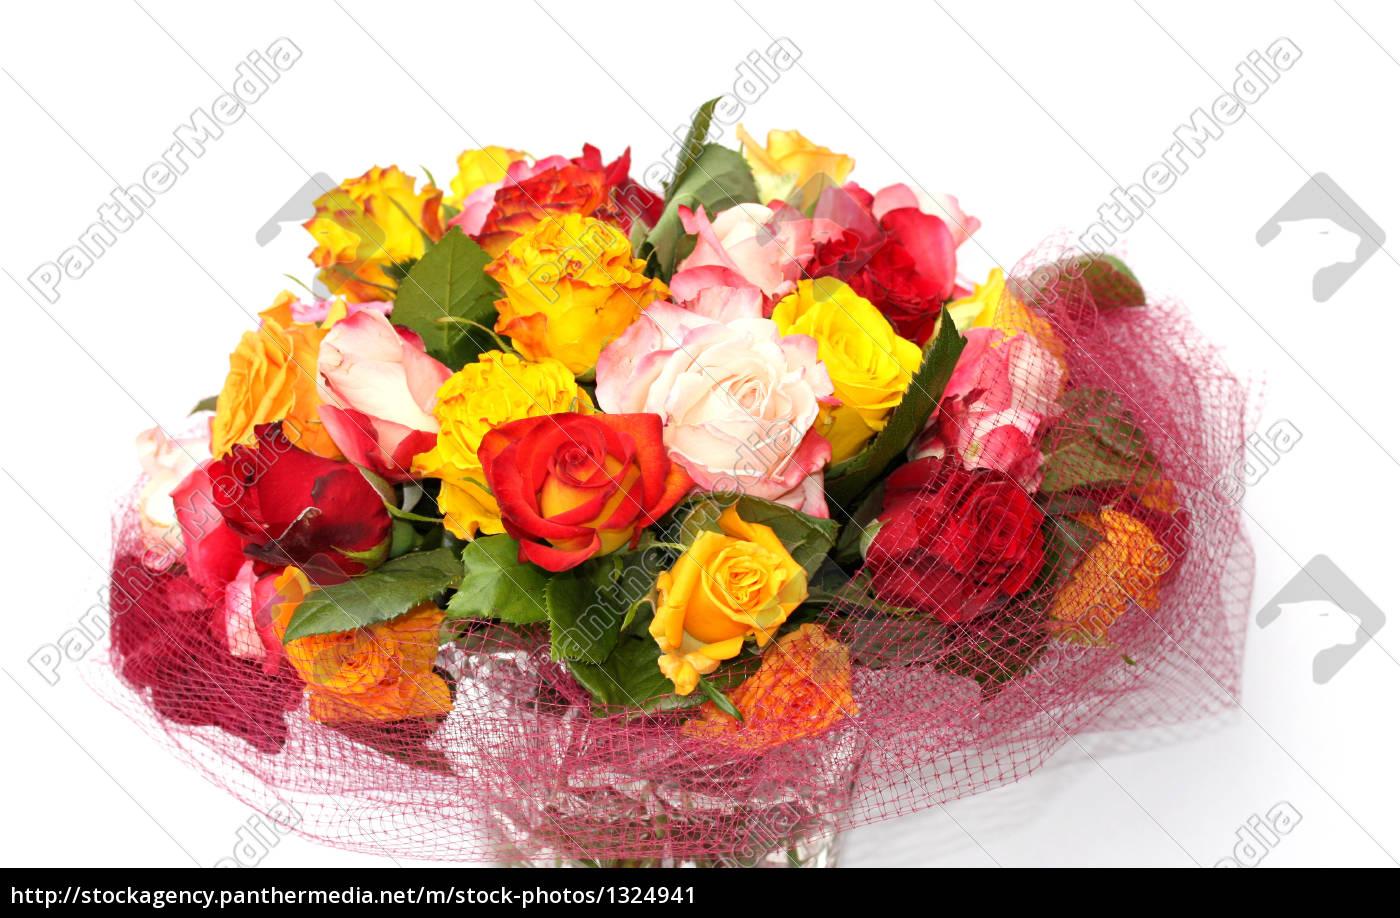 grown, roses - 1324941